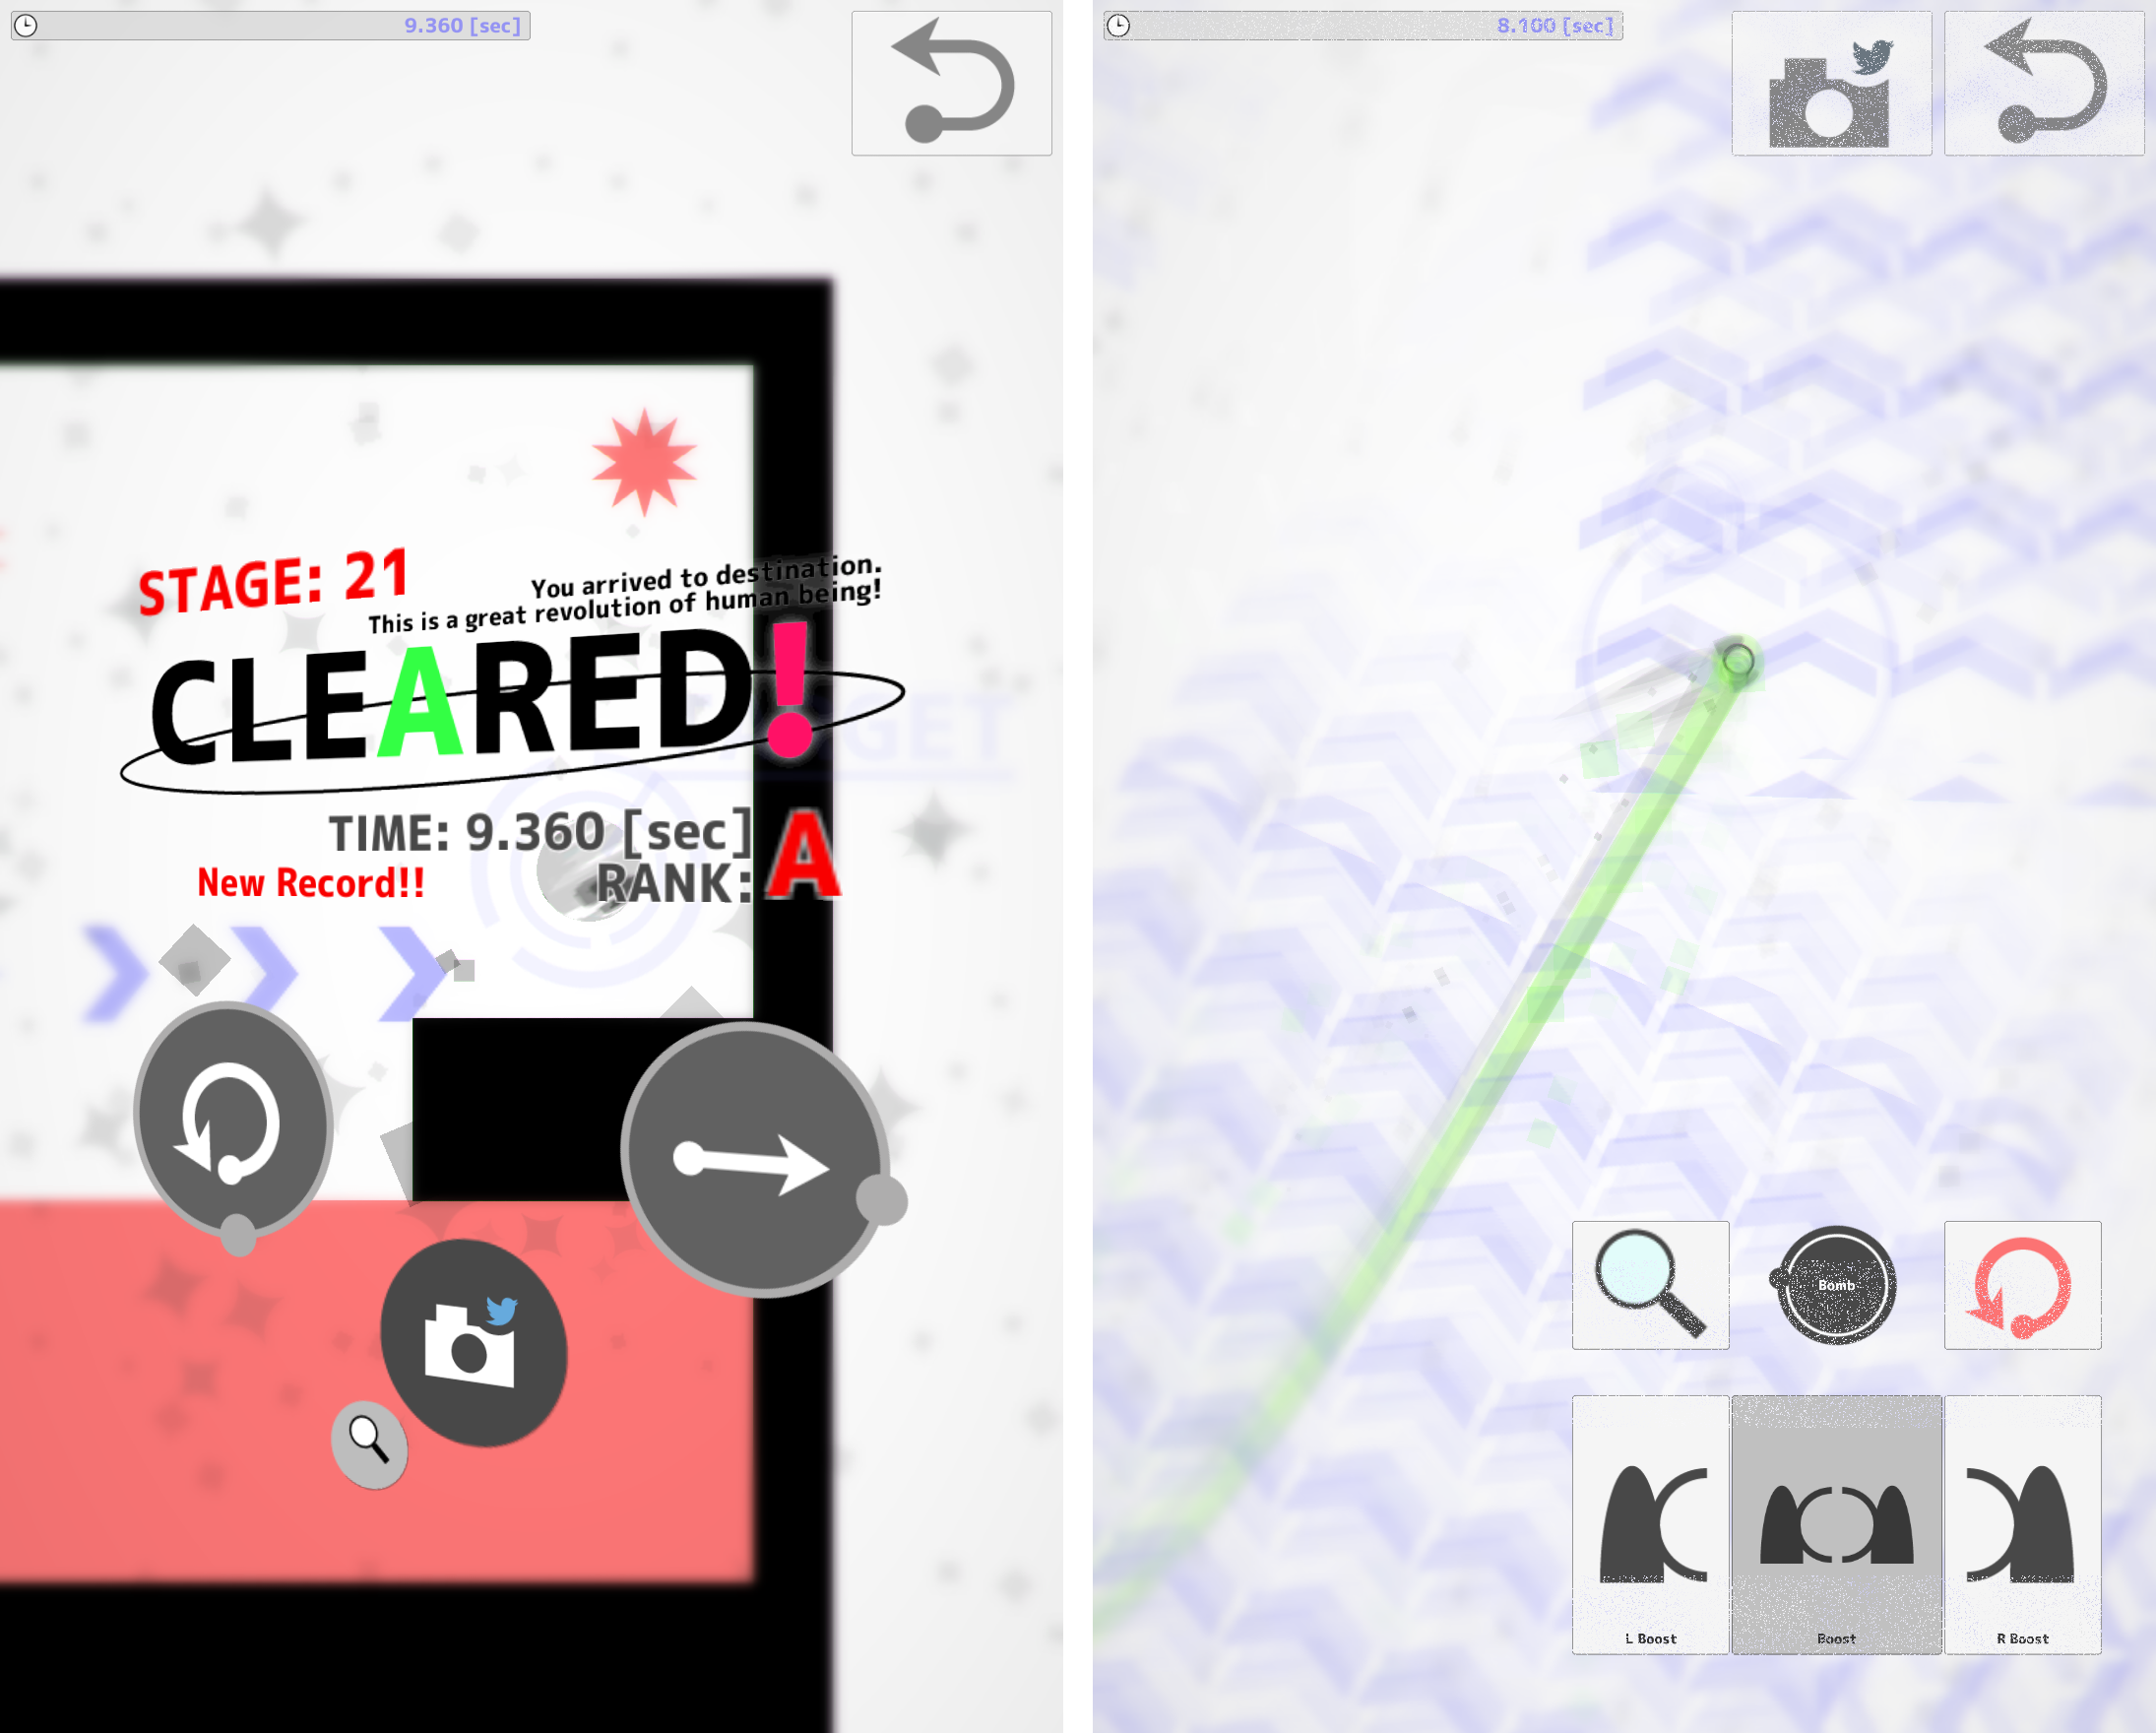 量産ロケット!(MPRocket) androidアプリスクリーンショット2